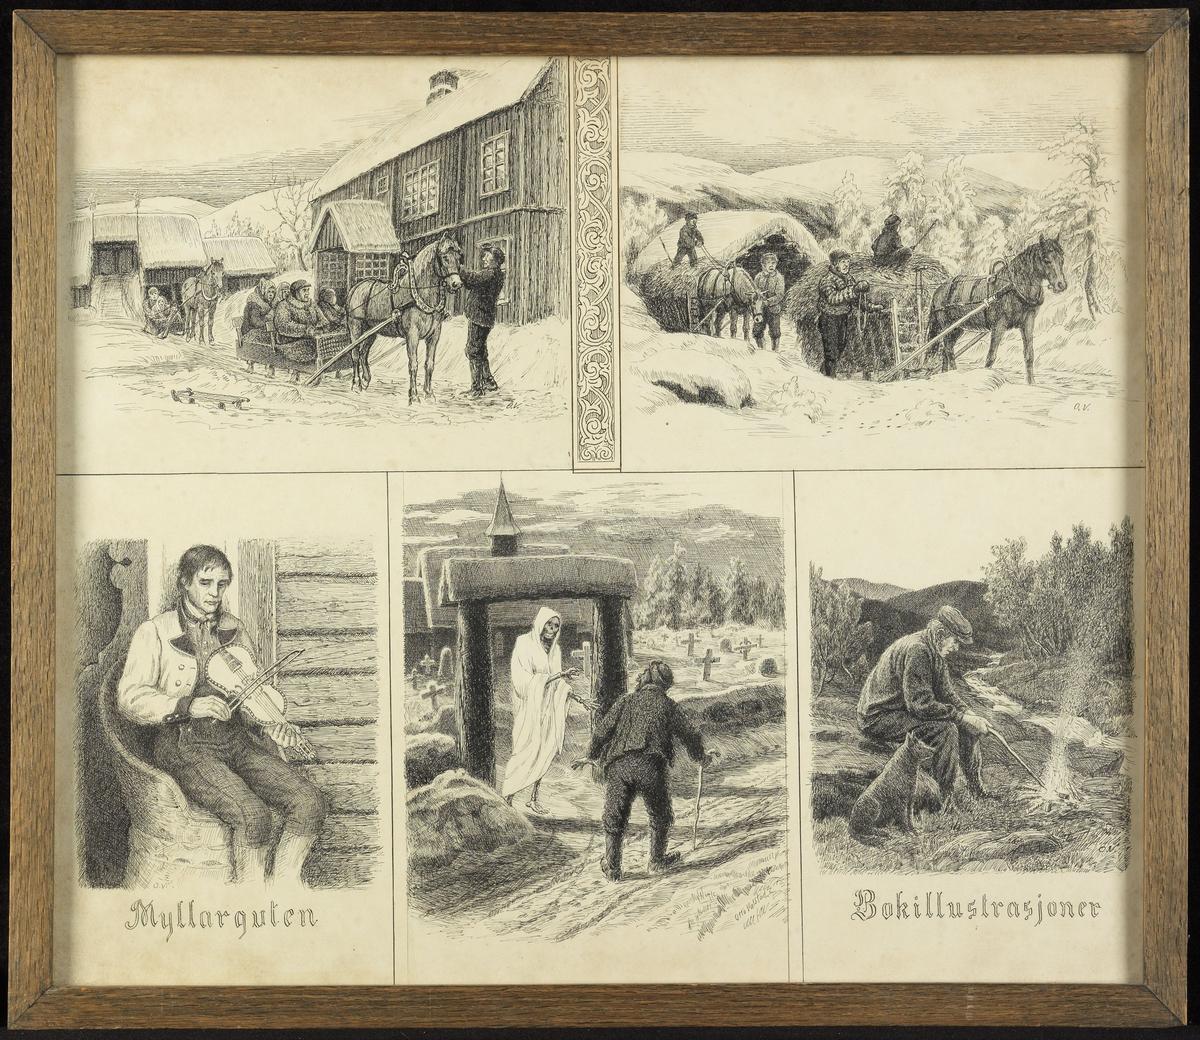 """Ned.f.v. mann i telemarksdrakt, m. fele, sittende i kubbestol, u. skr. """"Myllarguten""""; døden i kirkegårdsporten & gml. mann på veien; mann og hund v. bål i skog, u. skr. """"Bokillustrasjoner""""; øv.f.v. gårdstun m. to hester og sleder m. folk, sne; dek.ranke; 2 hester m. 2 høy- lass, 4 karer, sne."""